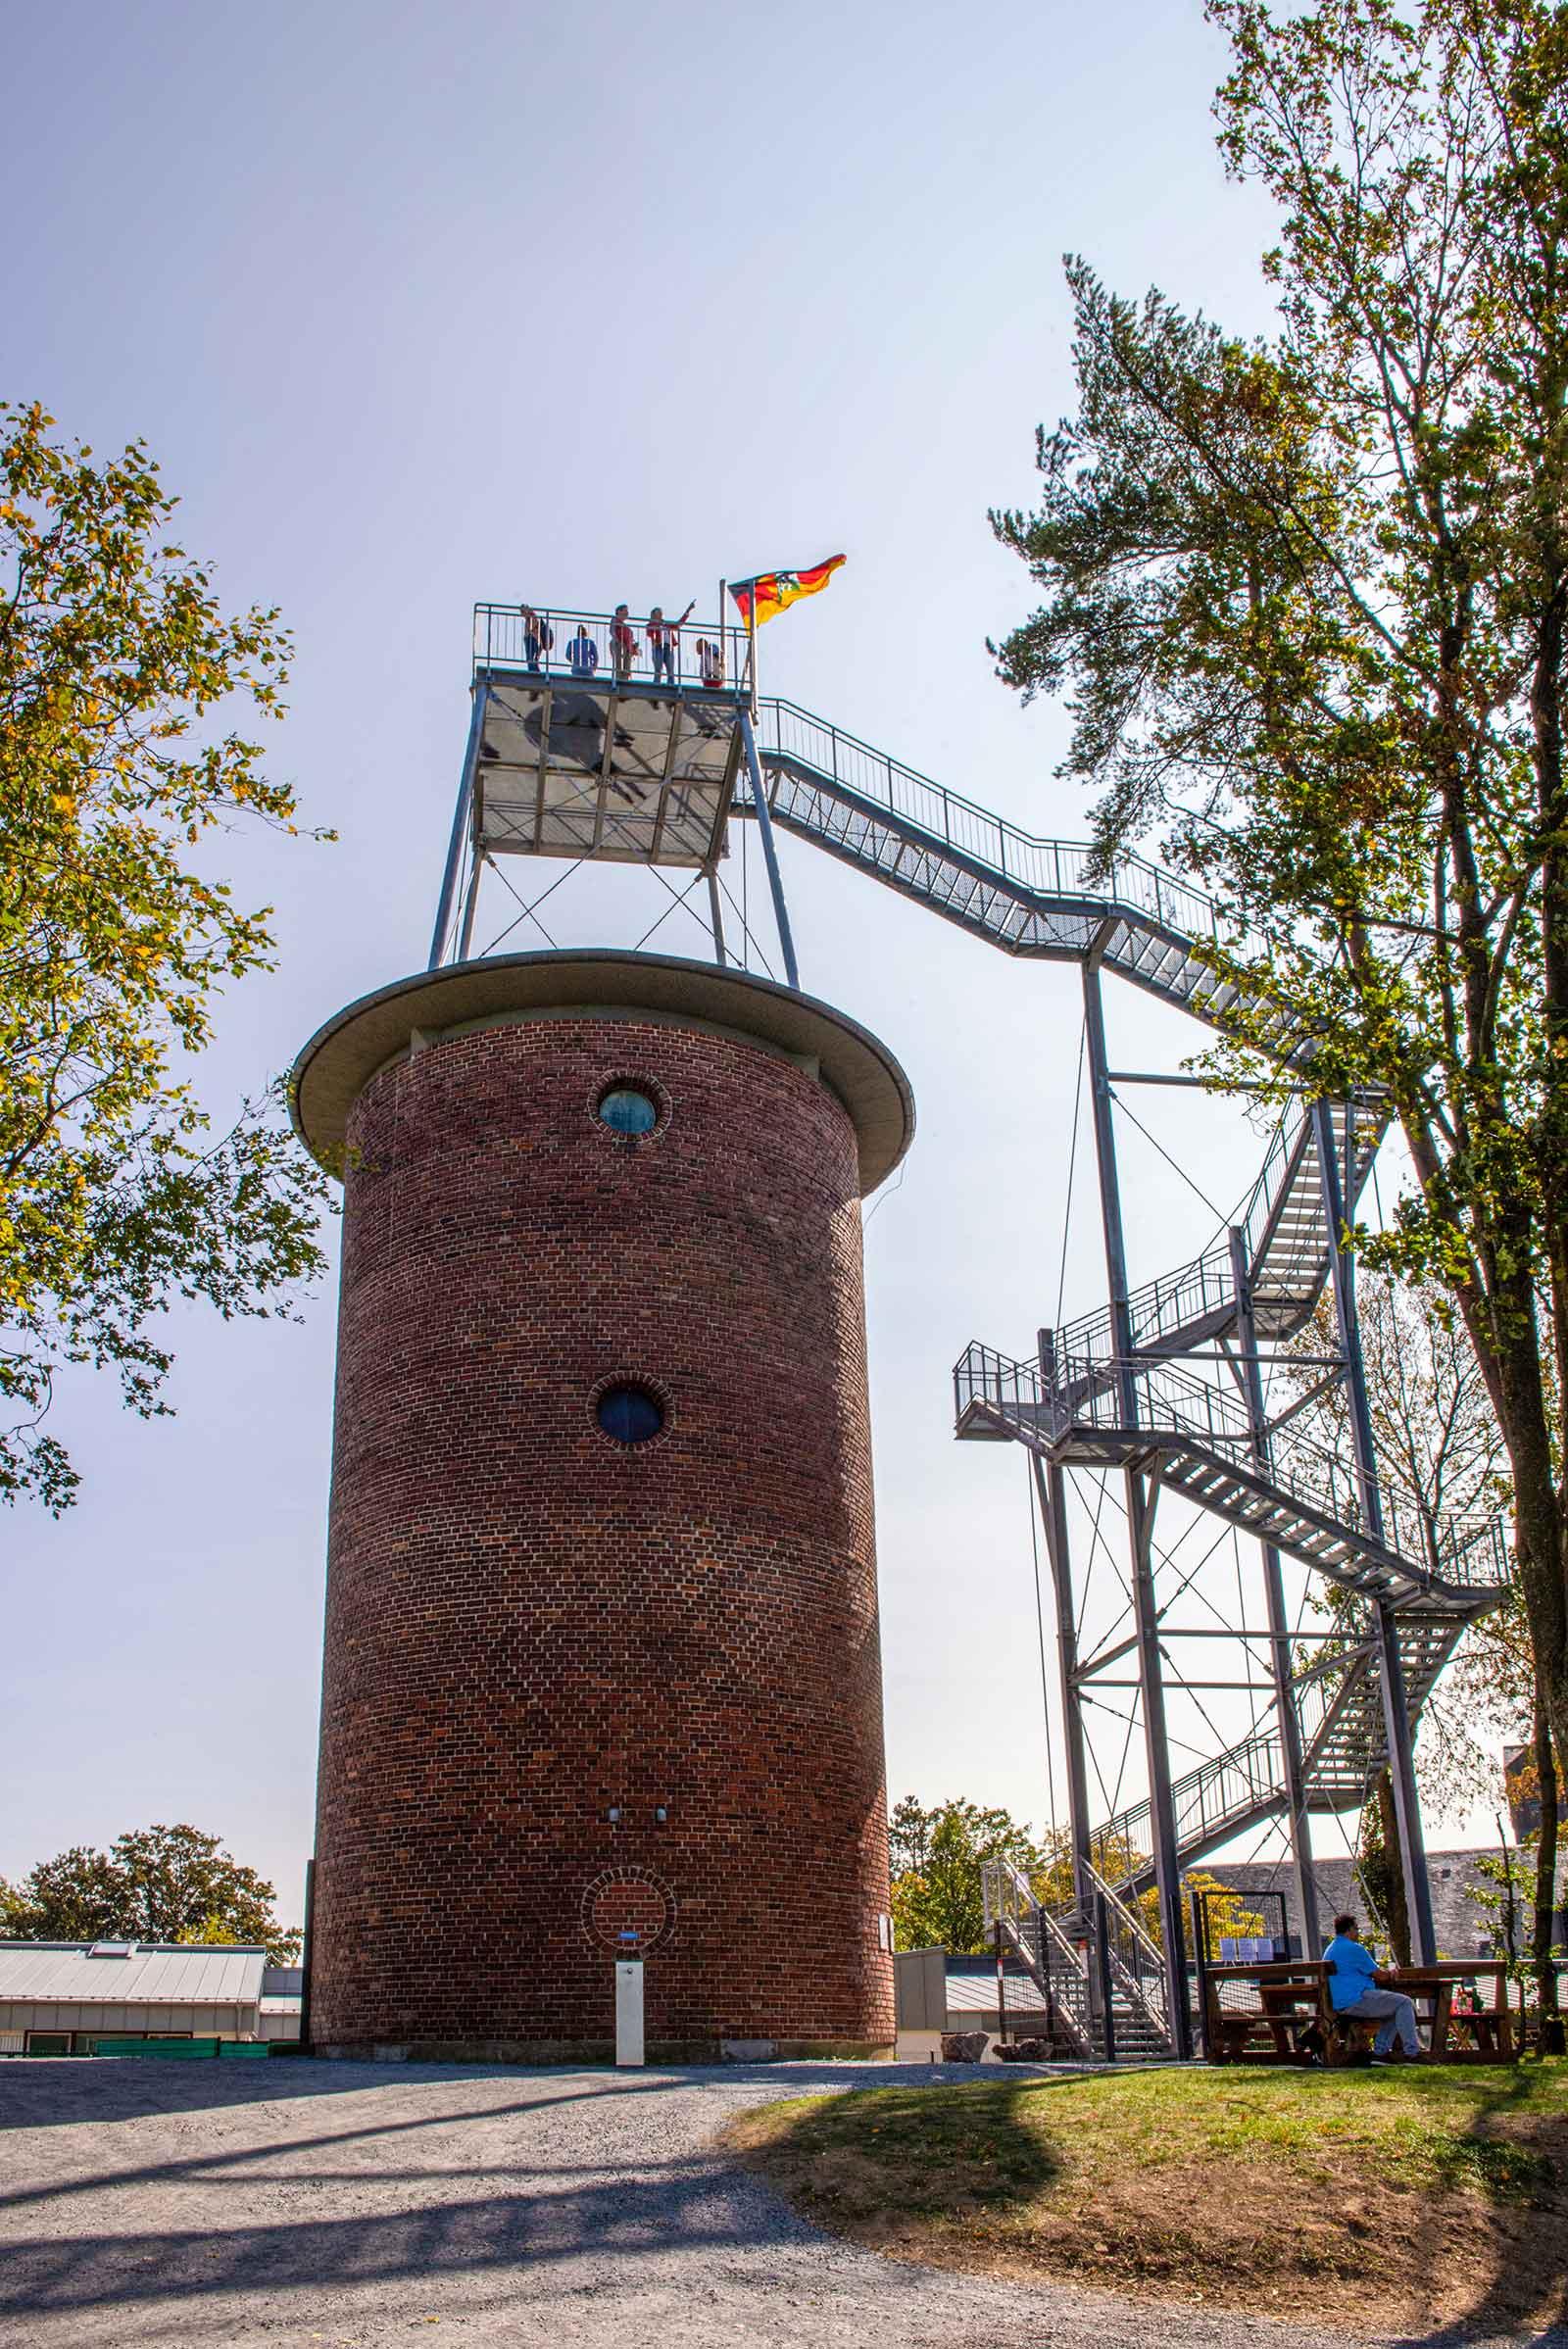 Wasserturm mit Aussichtsplattform in Kurtscheid